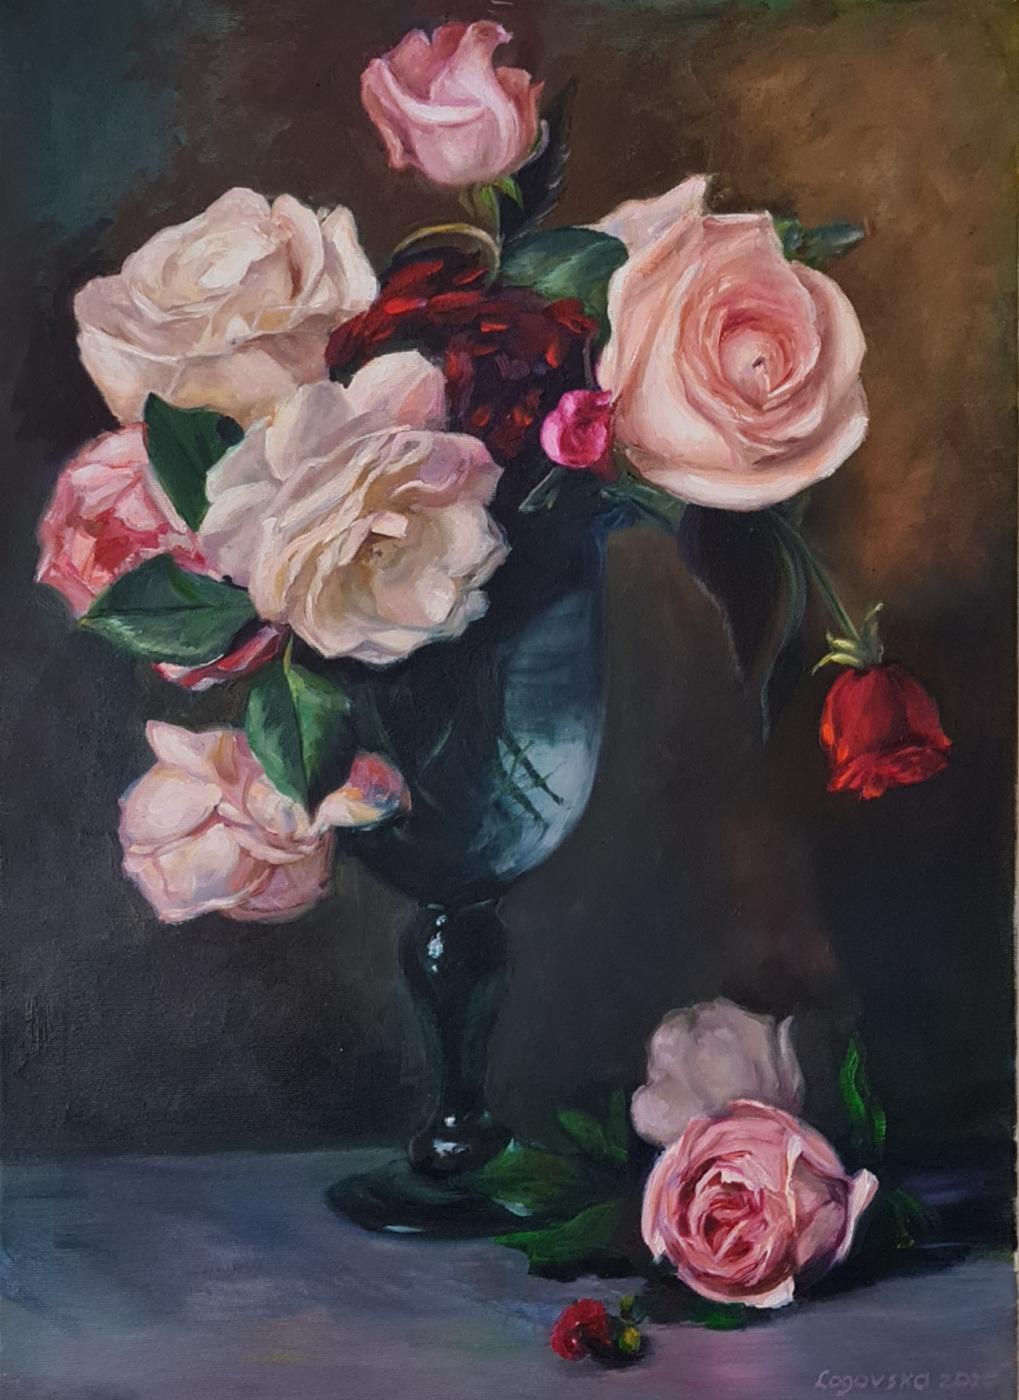 Snezana Logovska. Rose in a glass vase